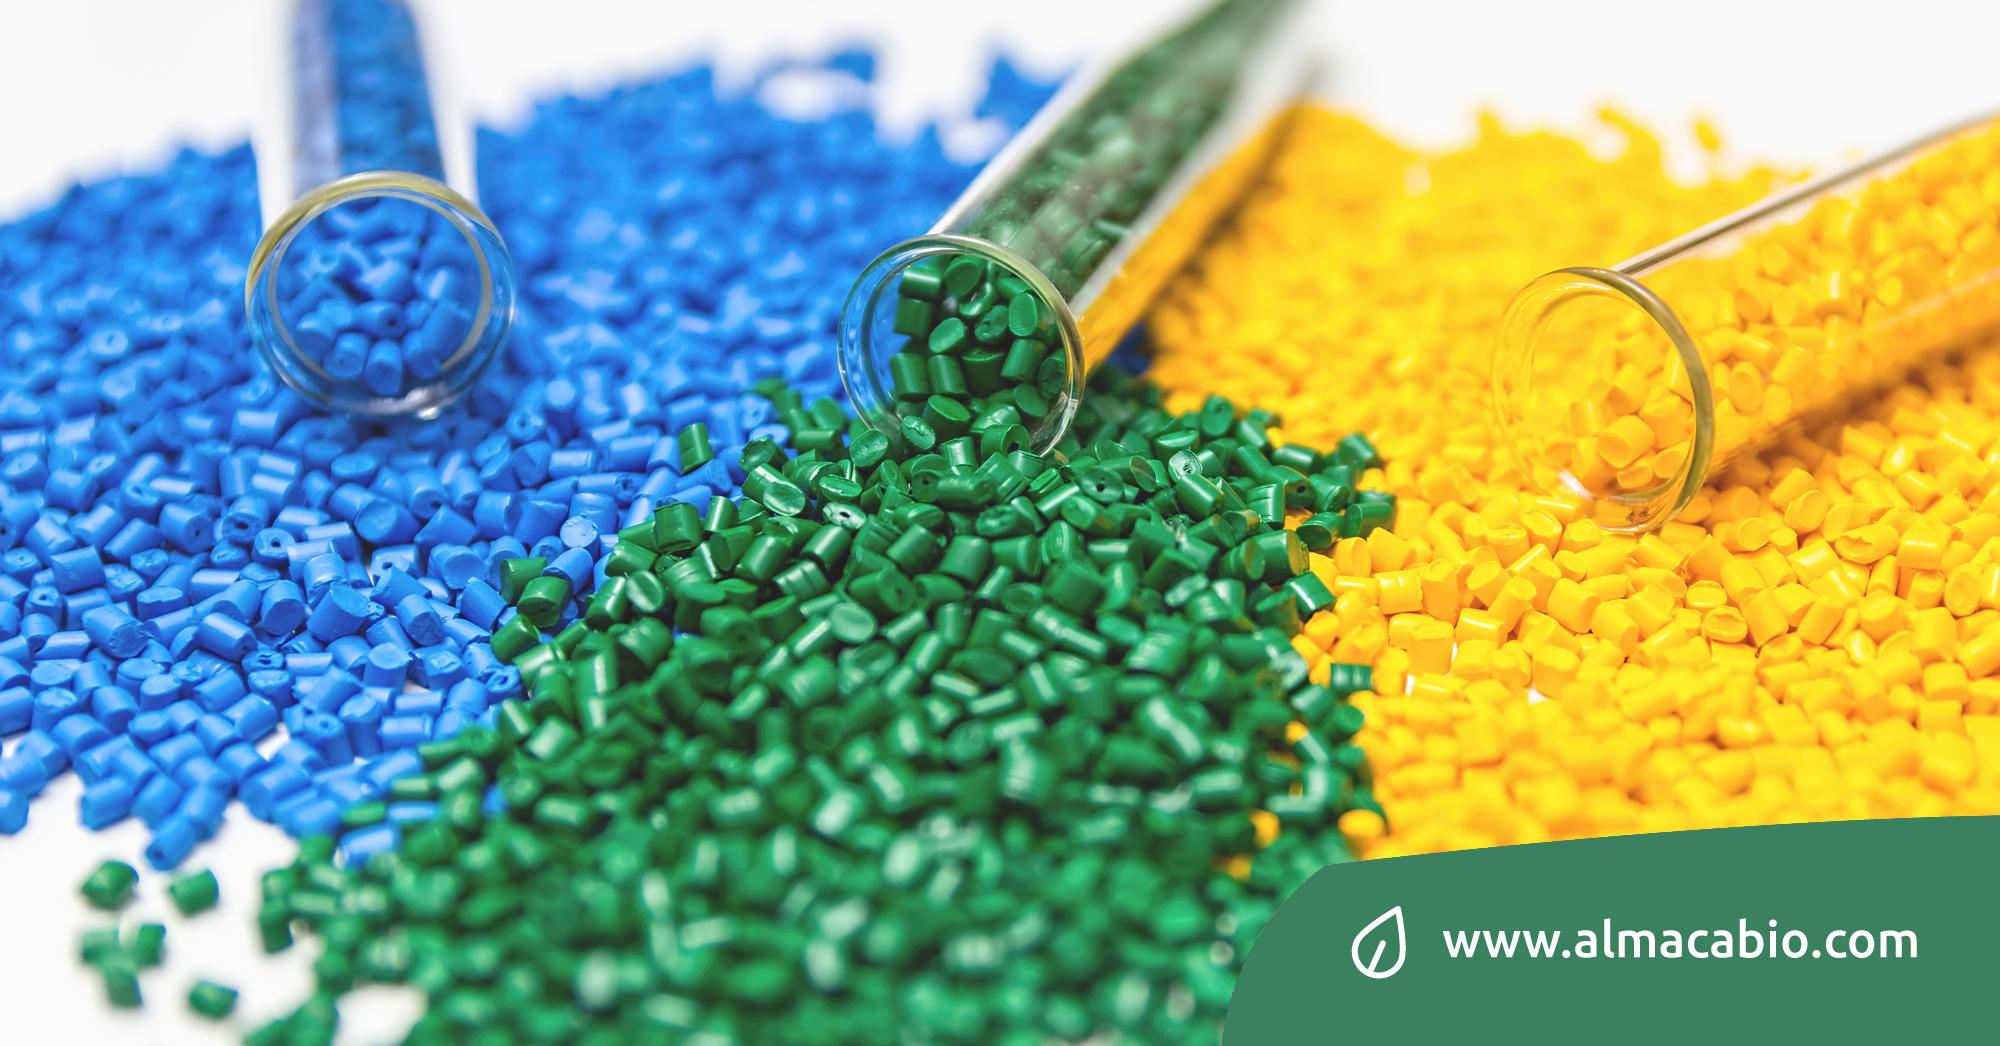 Per ridurre l'inquinamento dobbiamo evitare le microplastiche ed utilizzare flaconi con plastica riciclata sicura al 100%